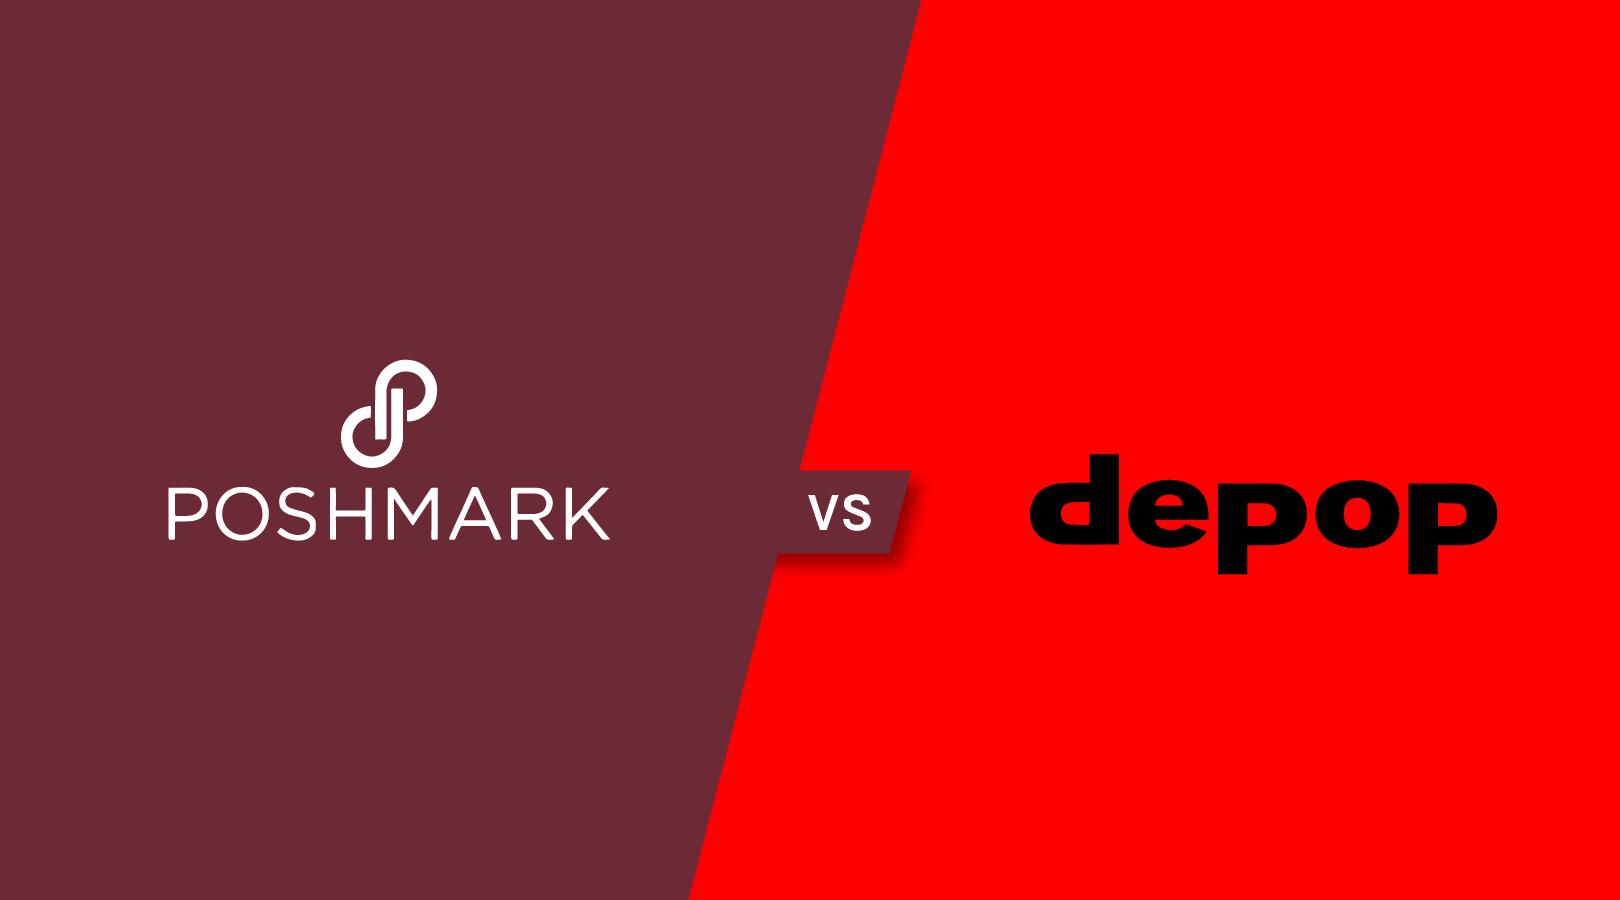 Depop vs Poshmark: Clear & Quick Comparison